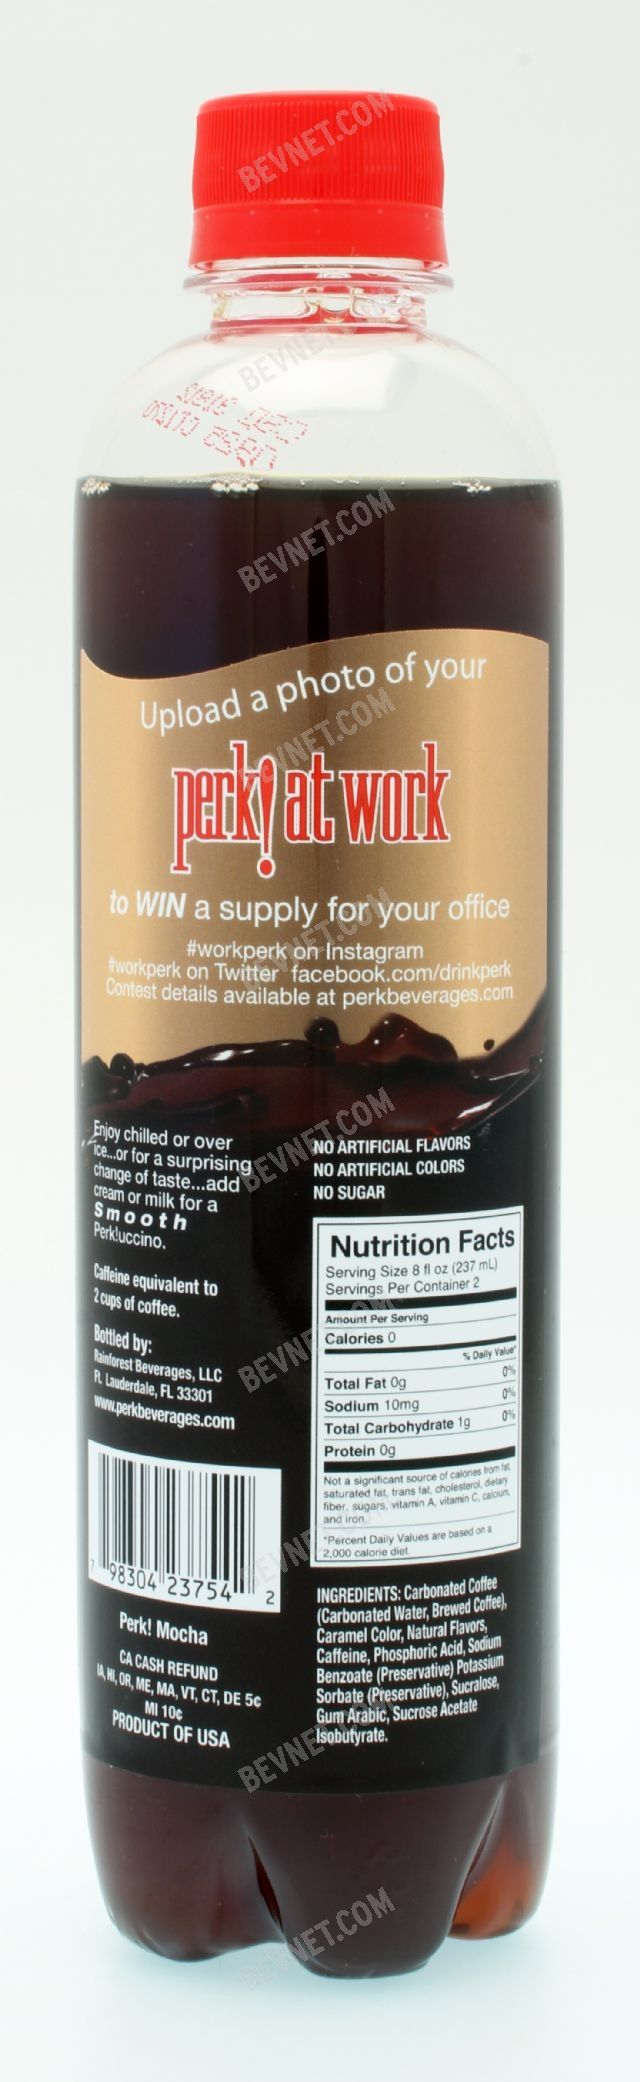 Perk: